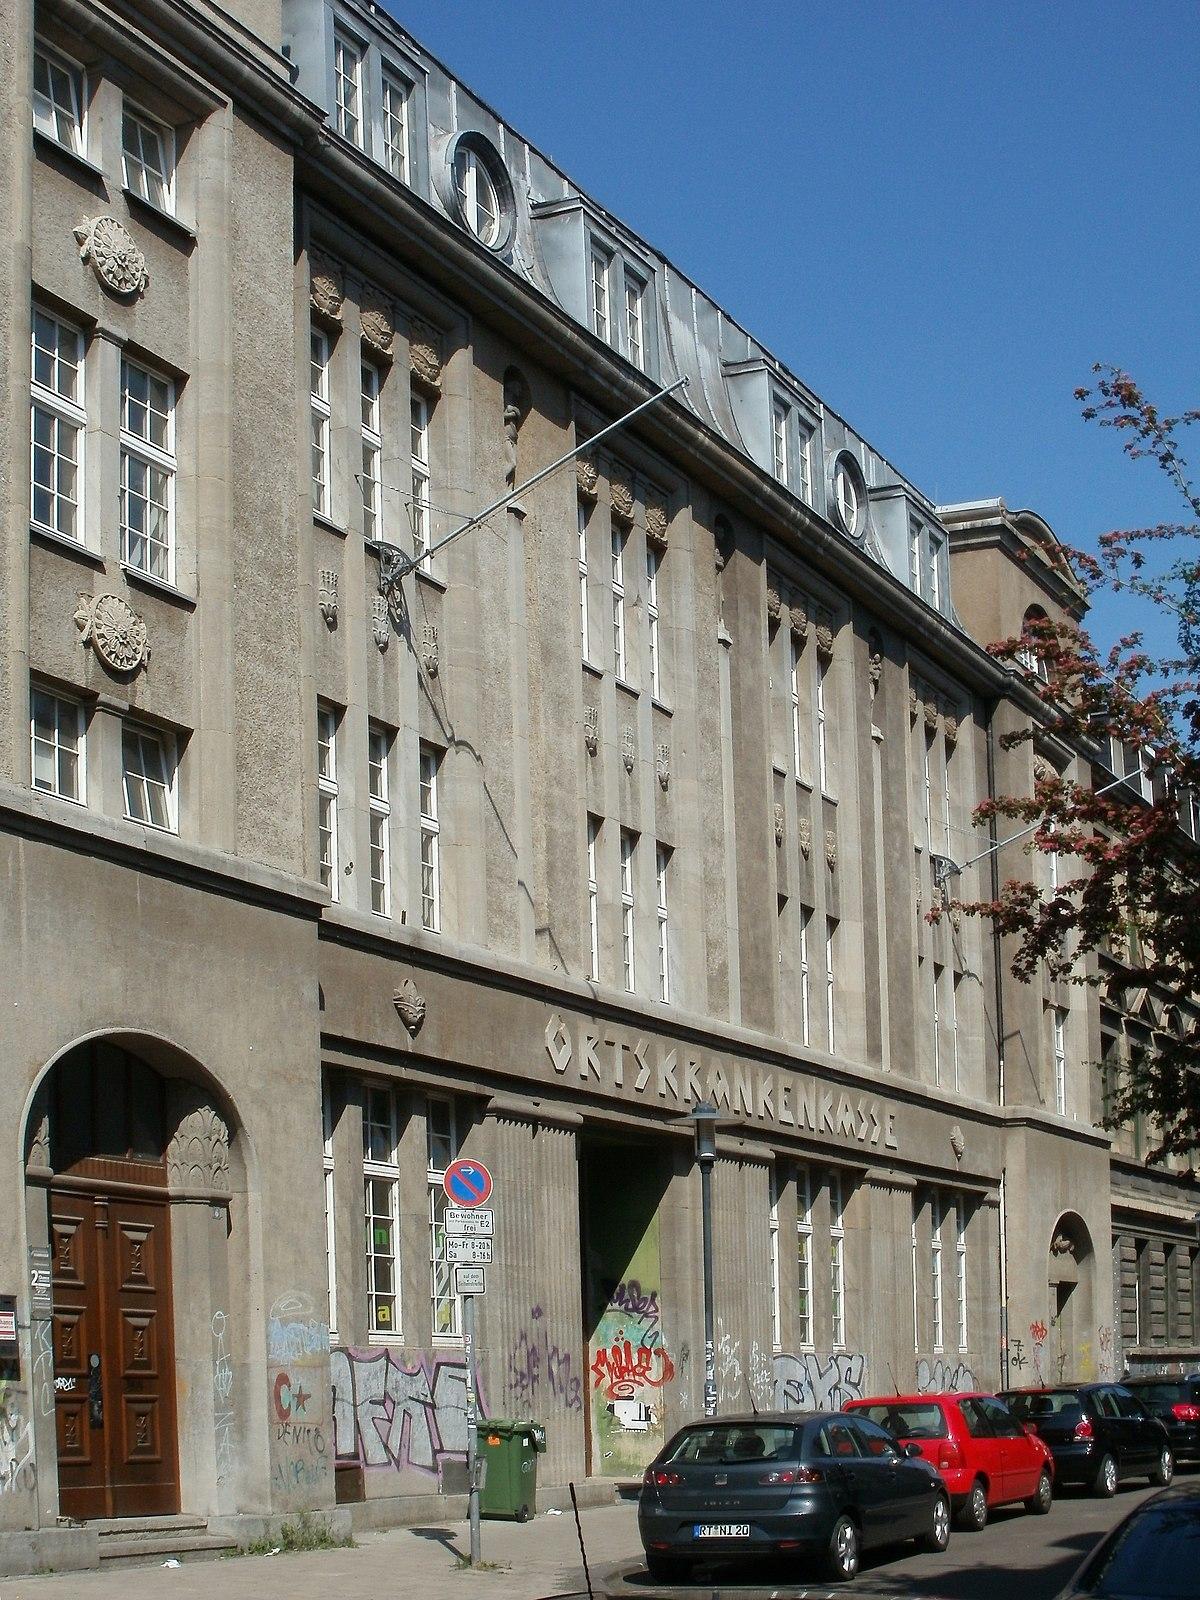 Jugendzentrum Försterstraße –